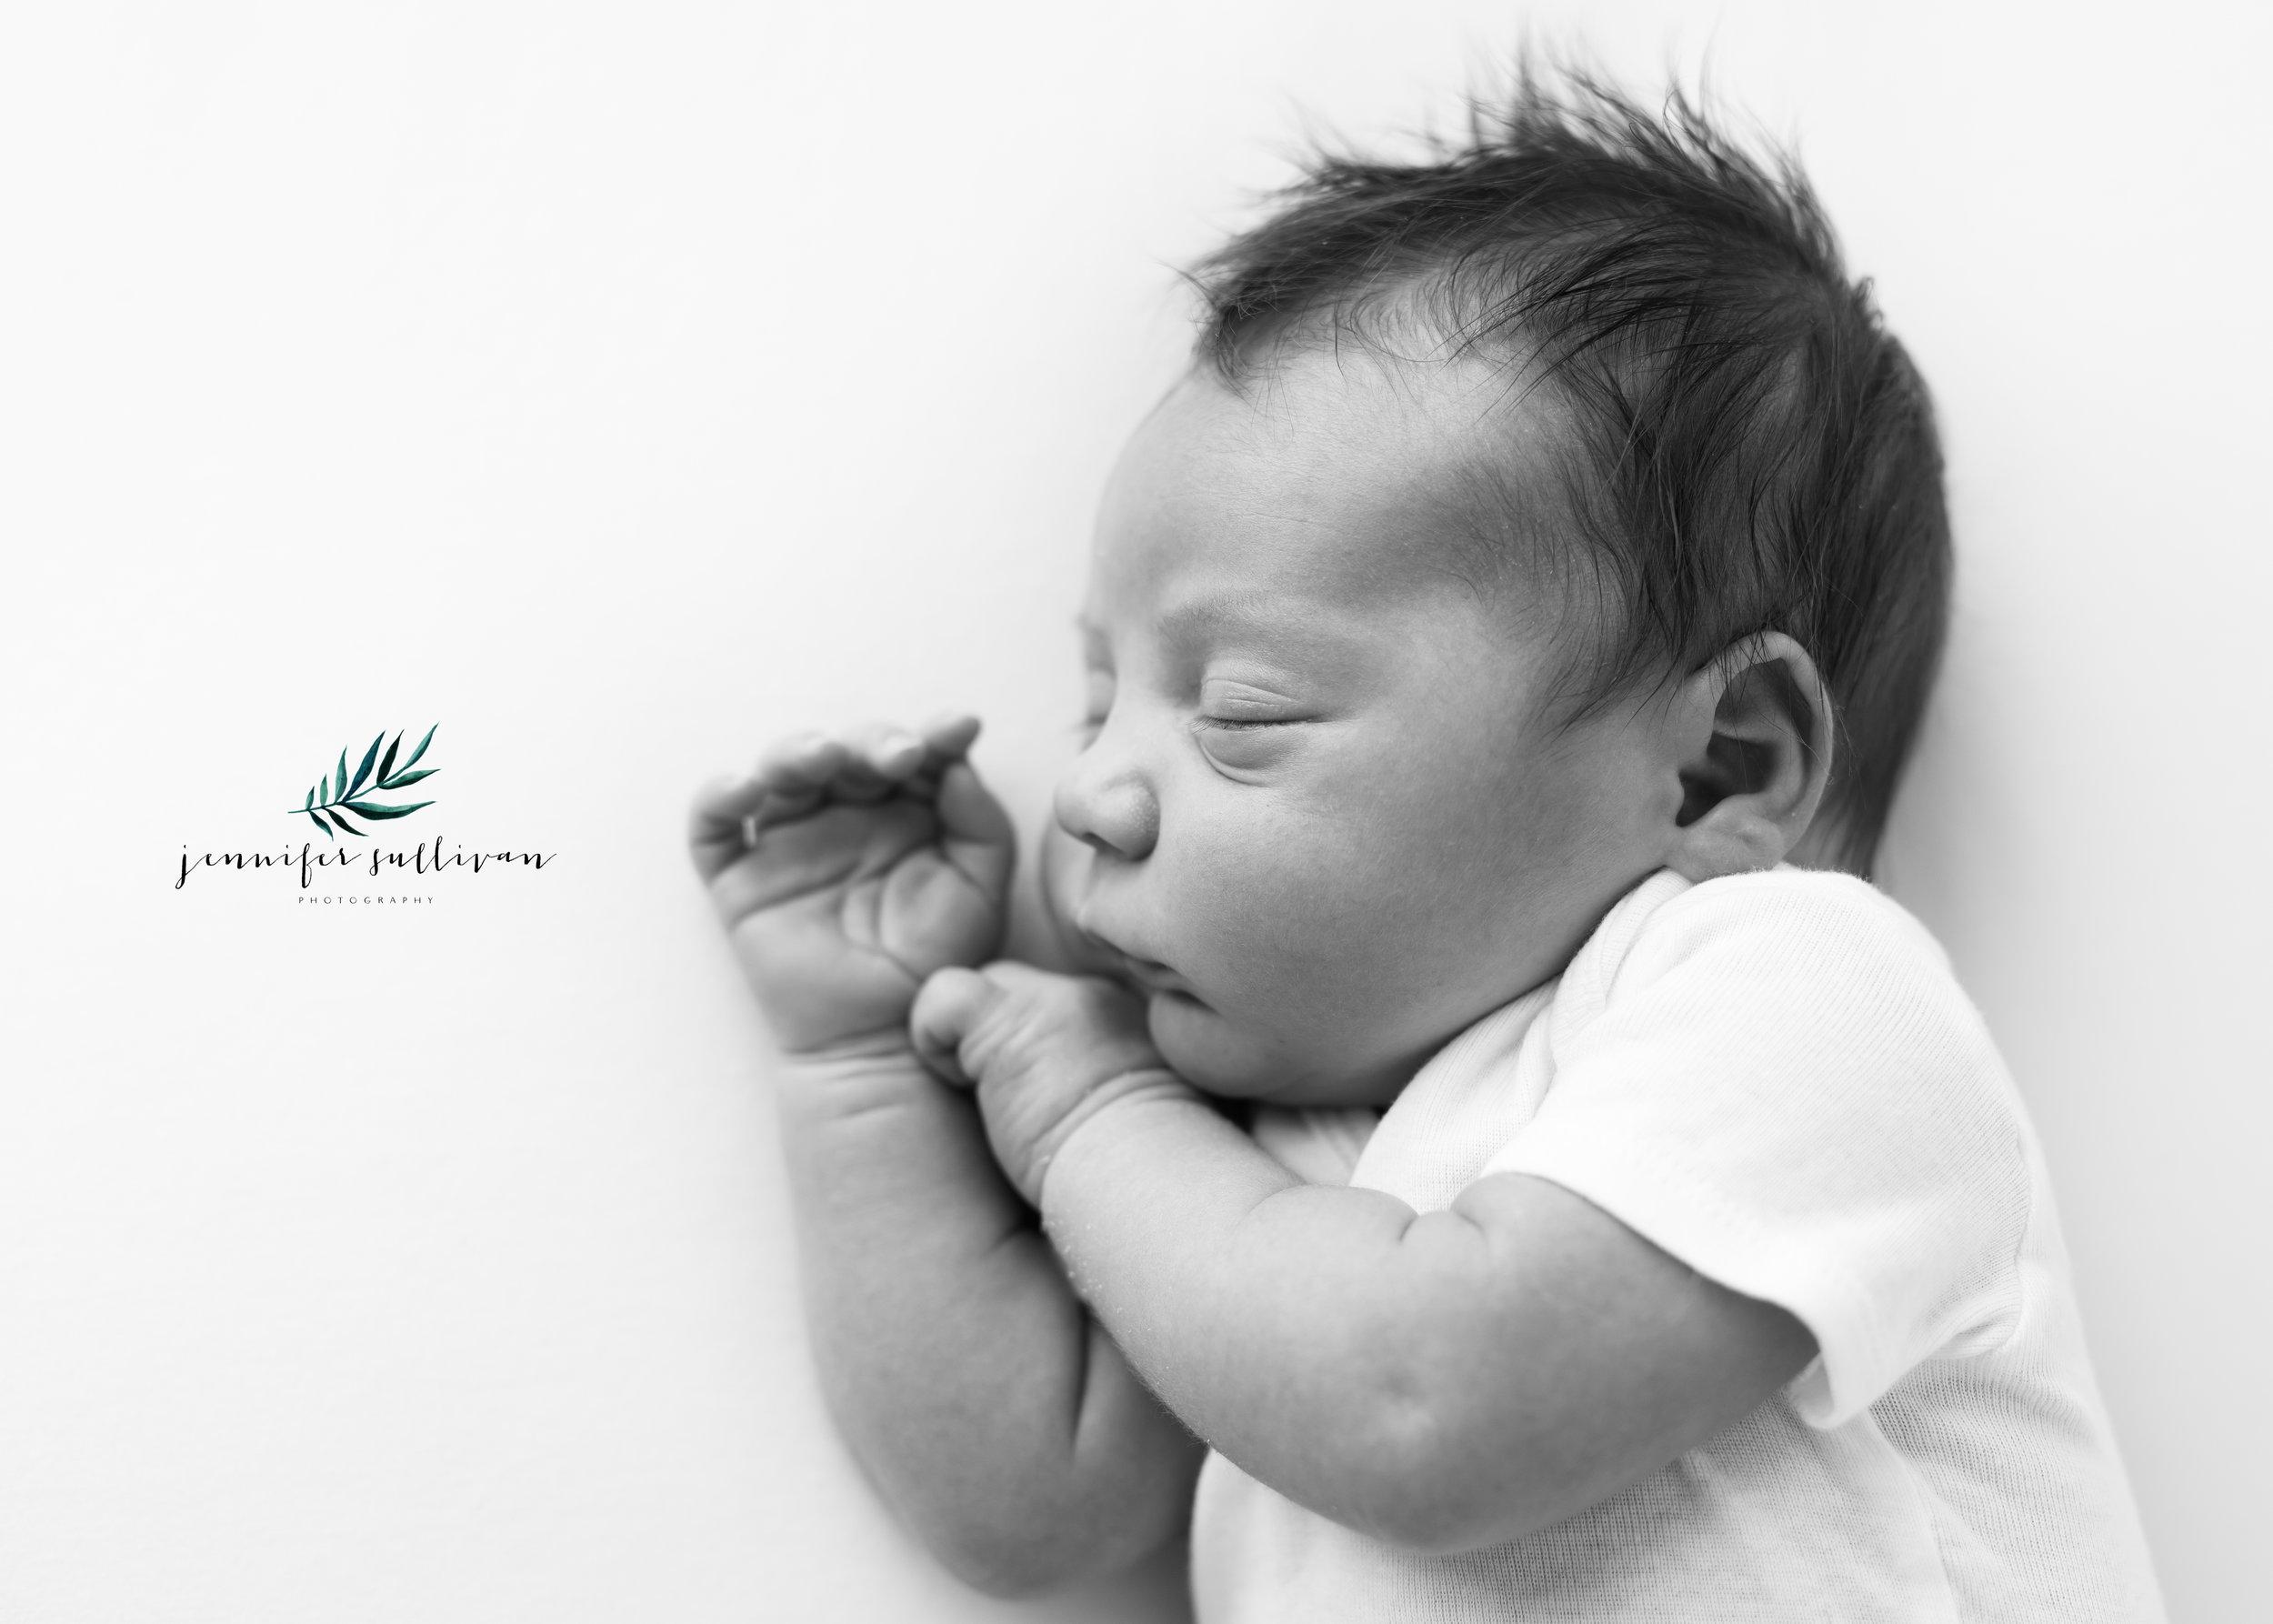 dartmouth massachusetts newborn photographer -400.jpg